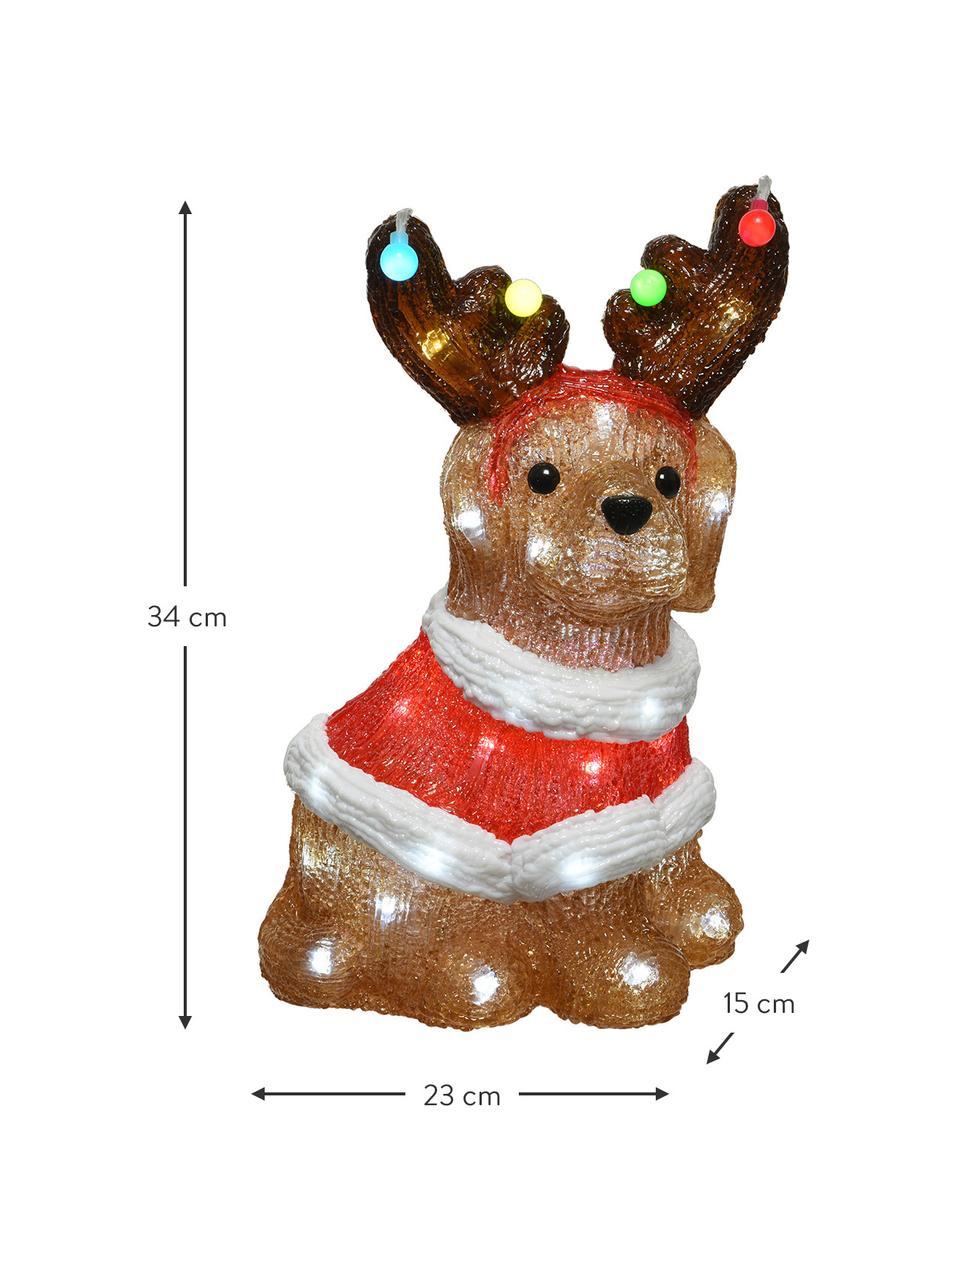 LED Leuchtobjekt Dog H 34 cm, mit Stecker, Kunststoff, Braun, Mehrfarbig, 23 x 34 cm